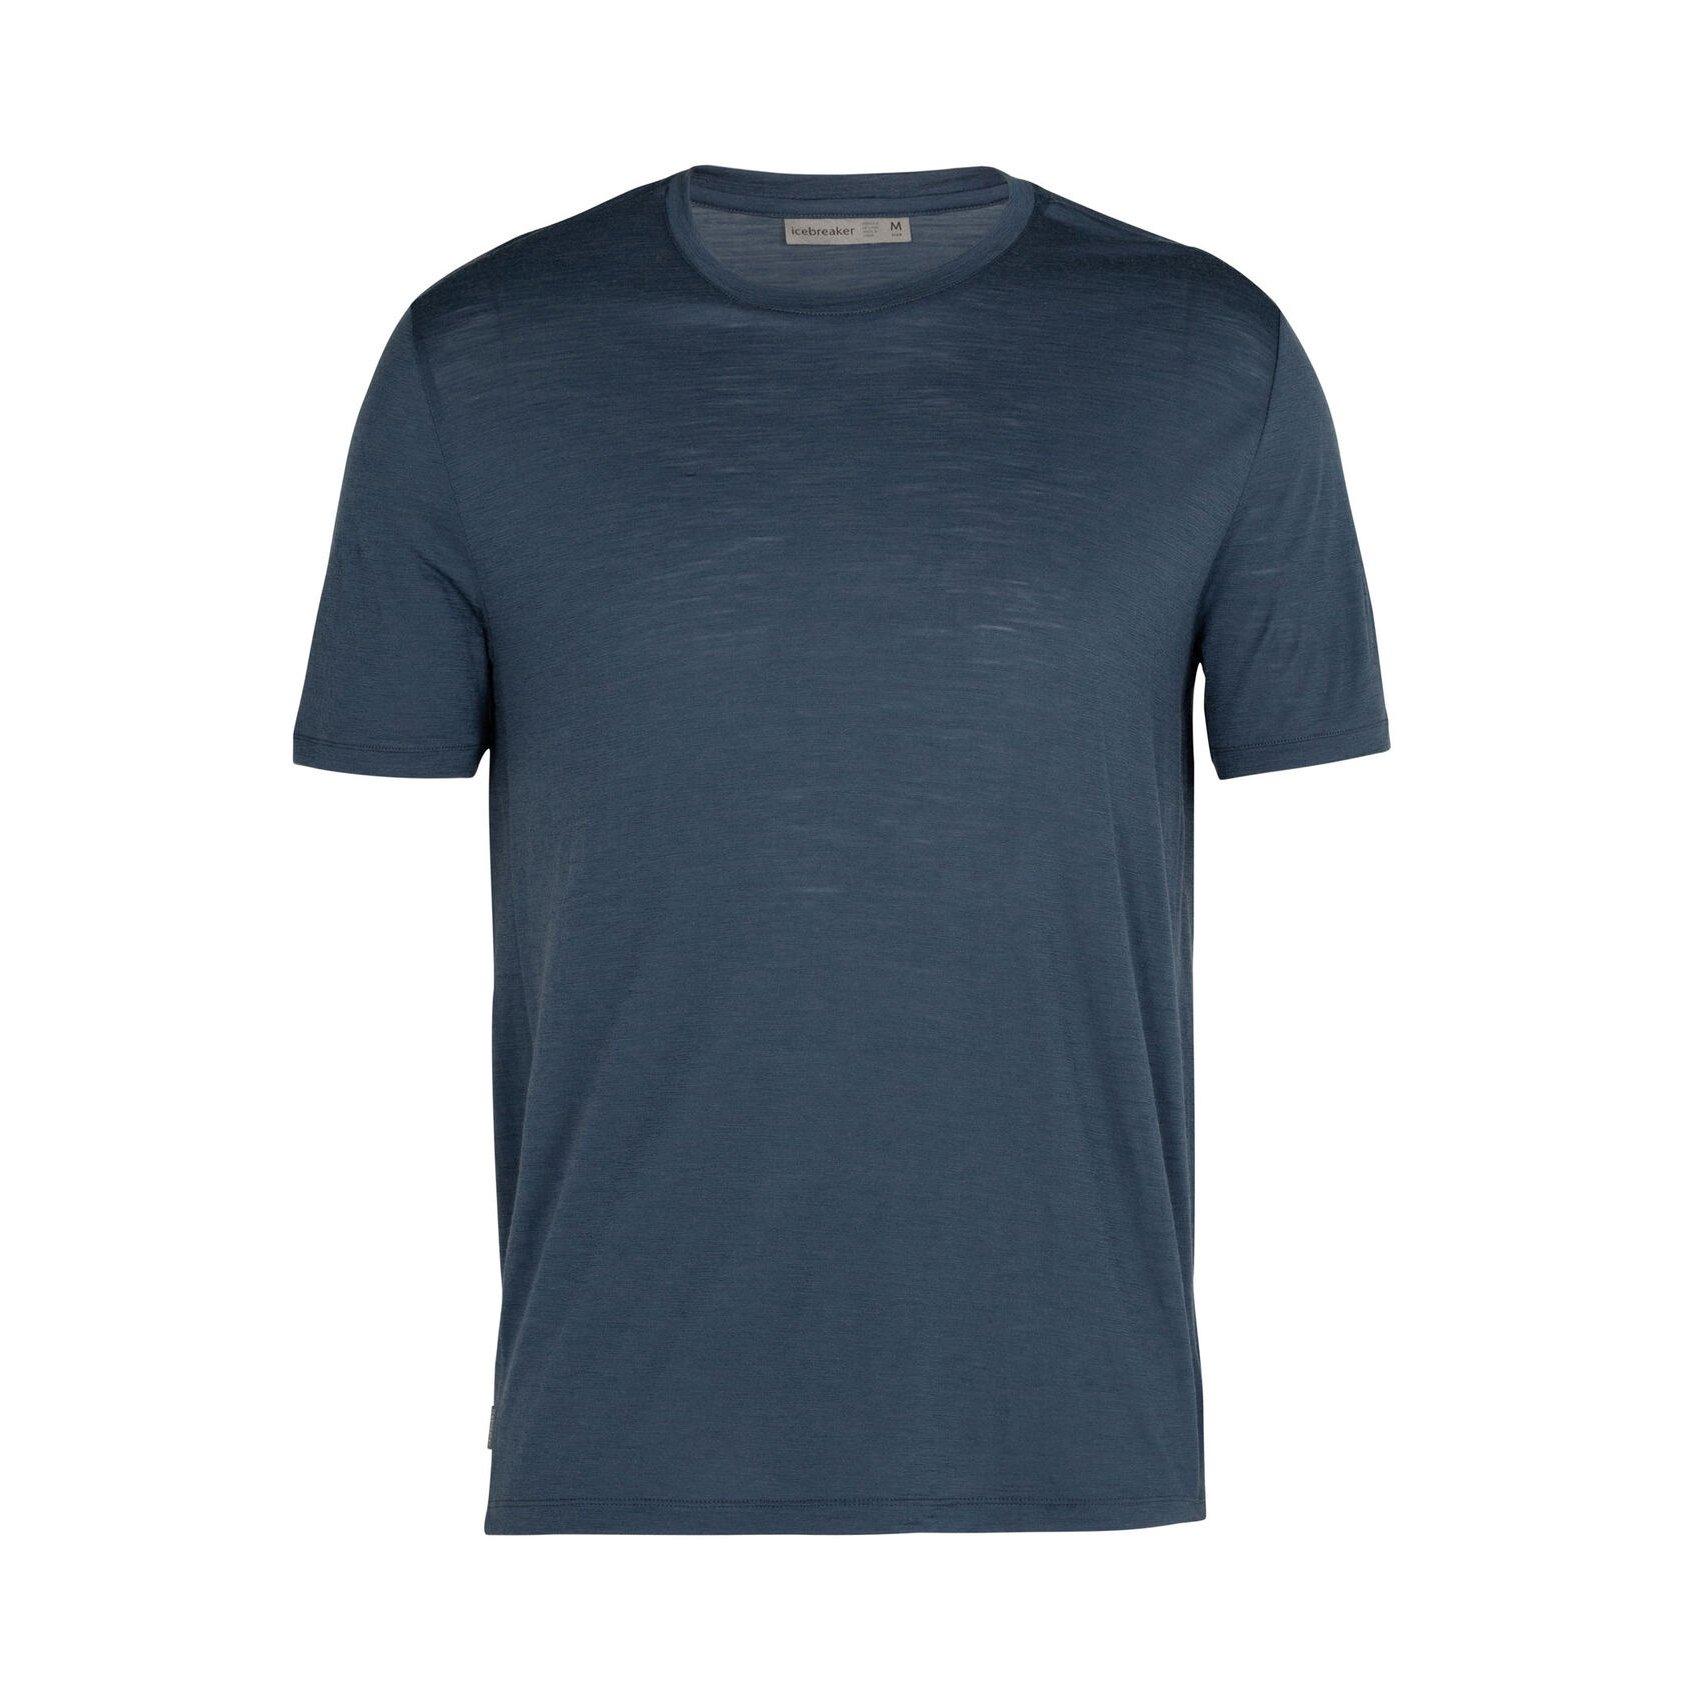 Spector Crewe Short Sleeve - Men's